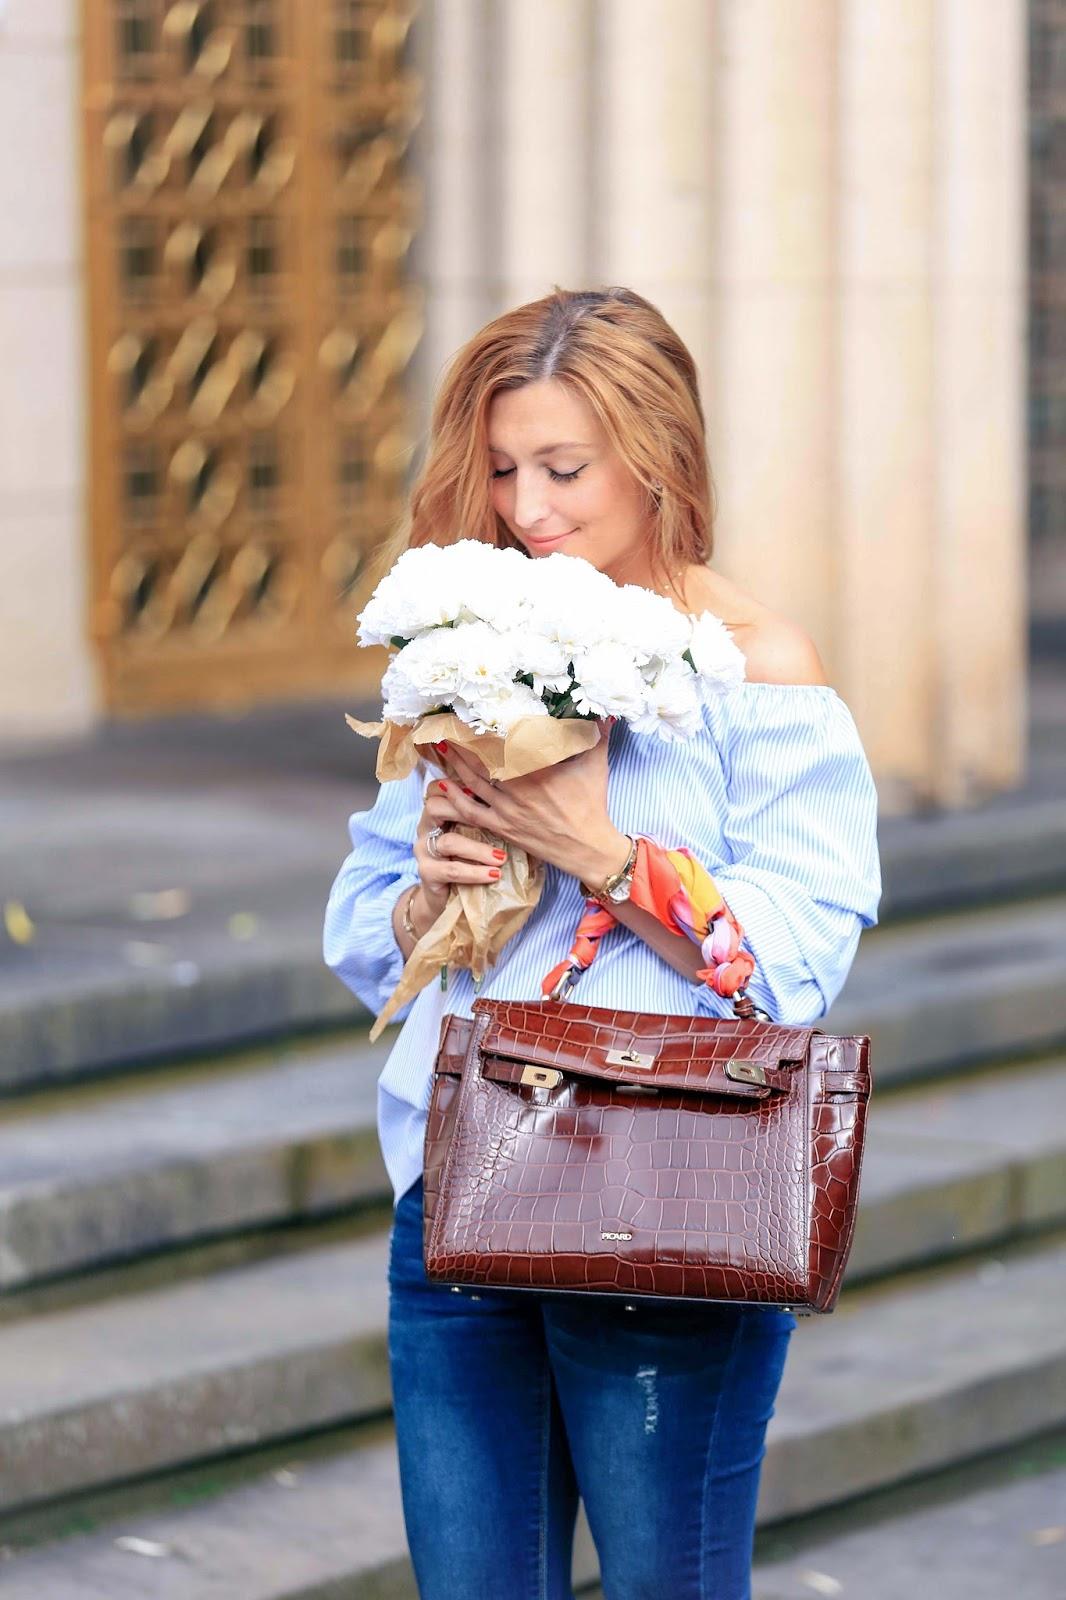 Blogger-aus-deutschland-fashionstylebyjohanna-fashionblogger-aus-frankfurt-frankfurt-fashionblogger-bloggerstyle